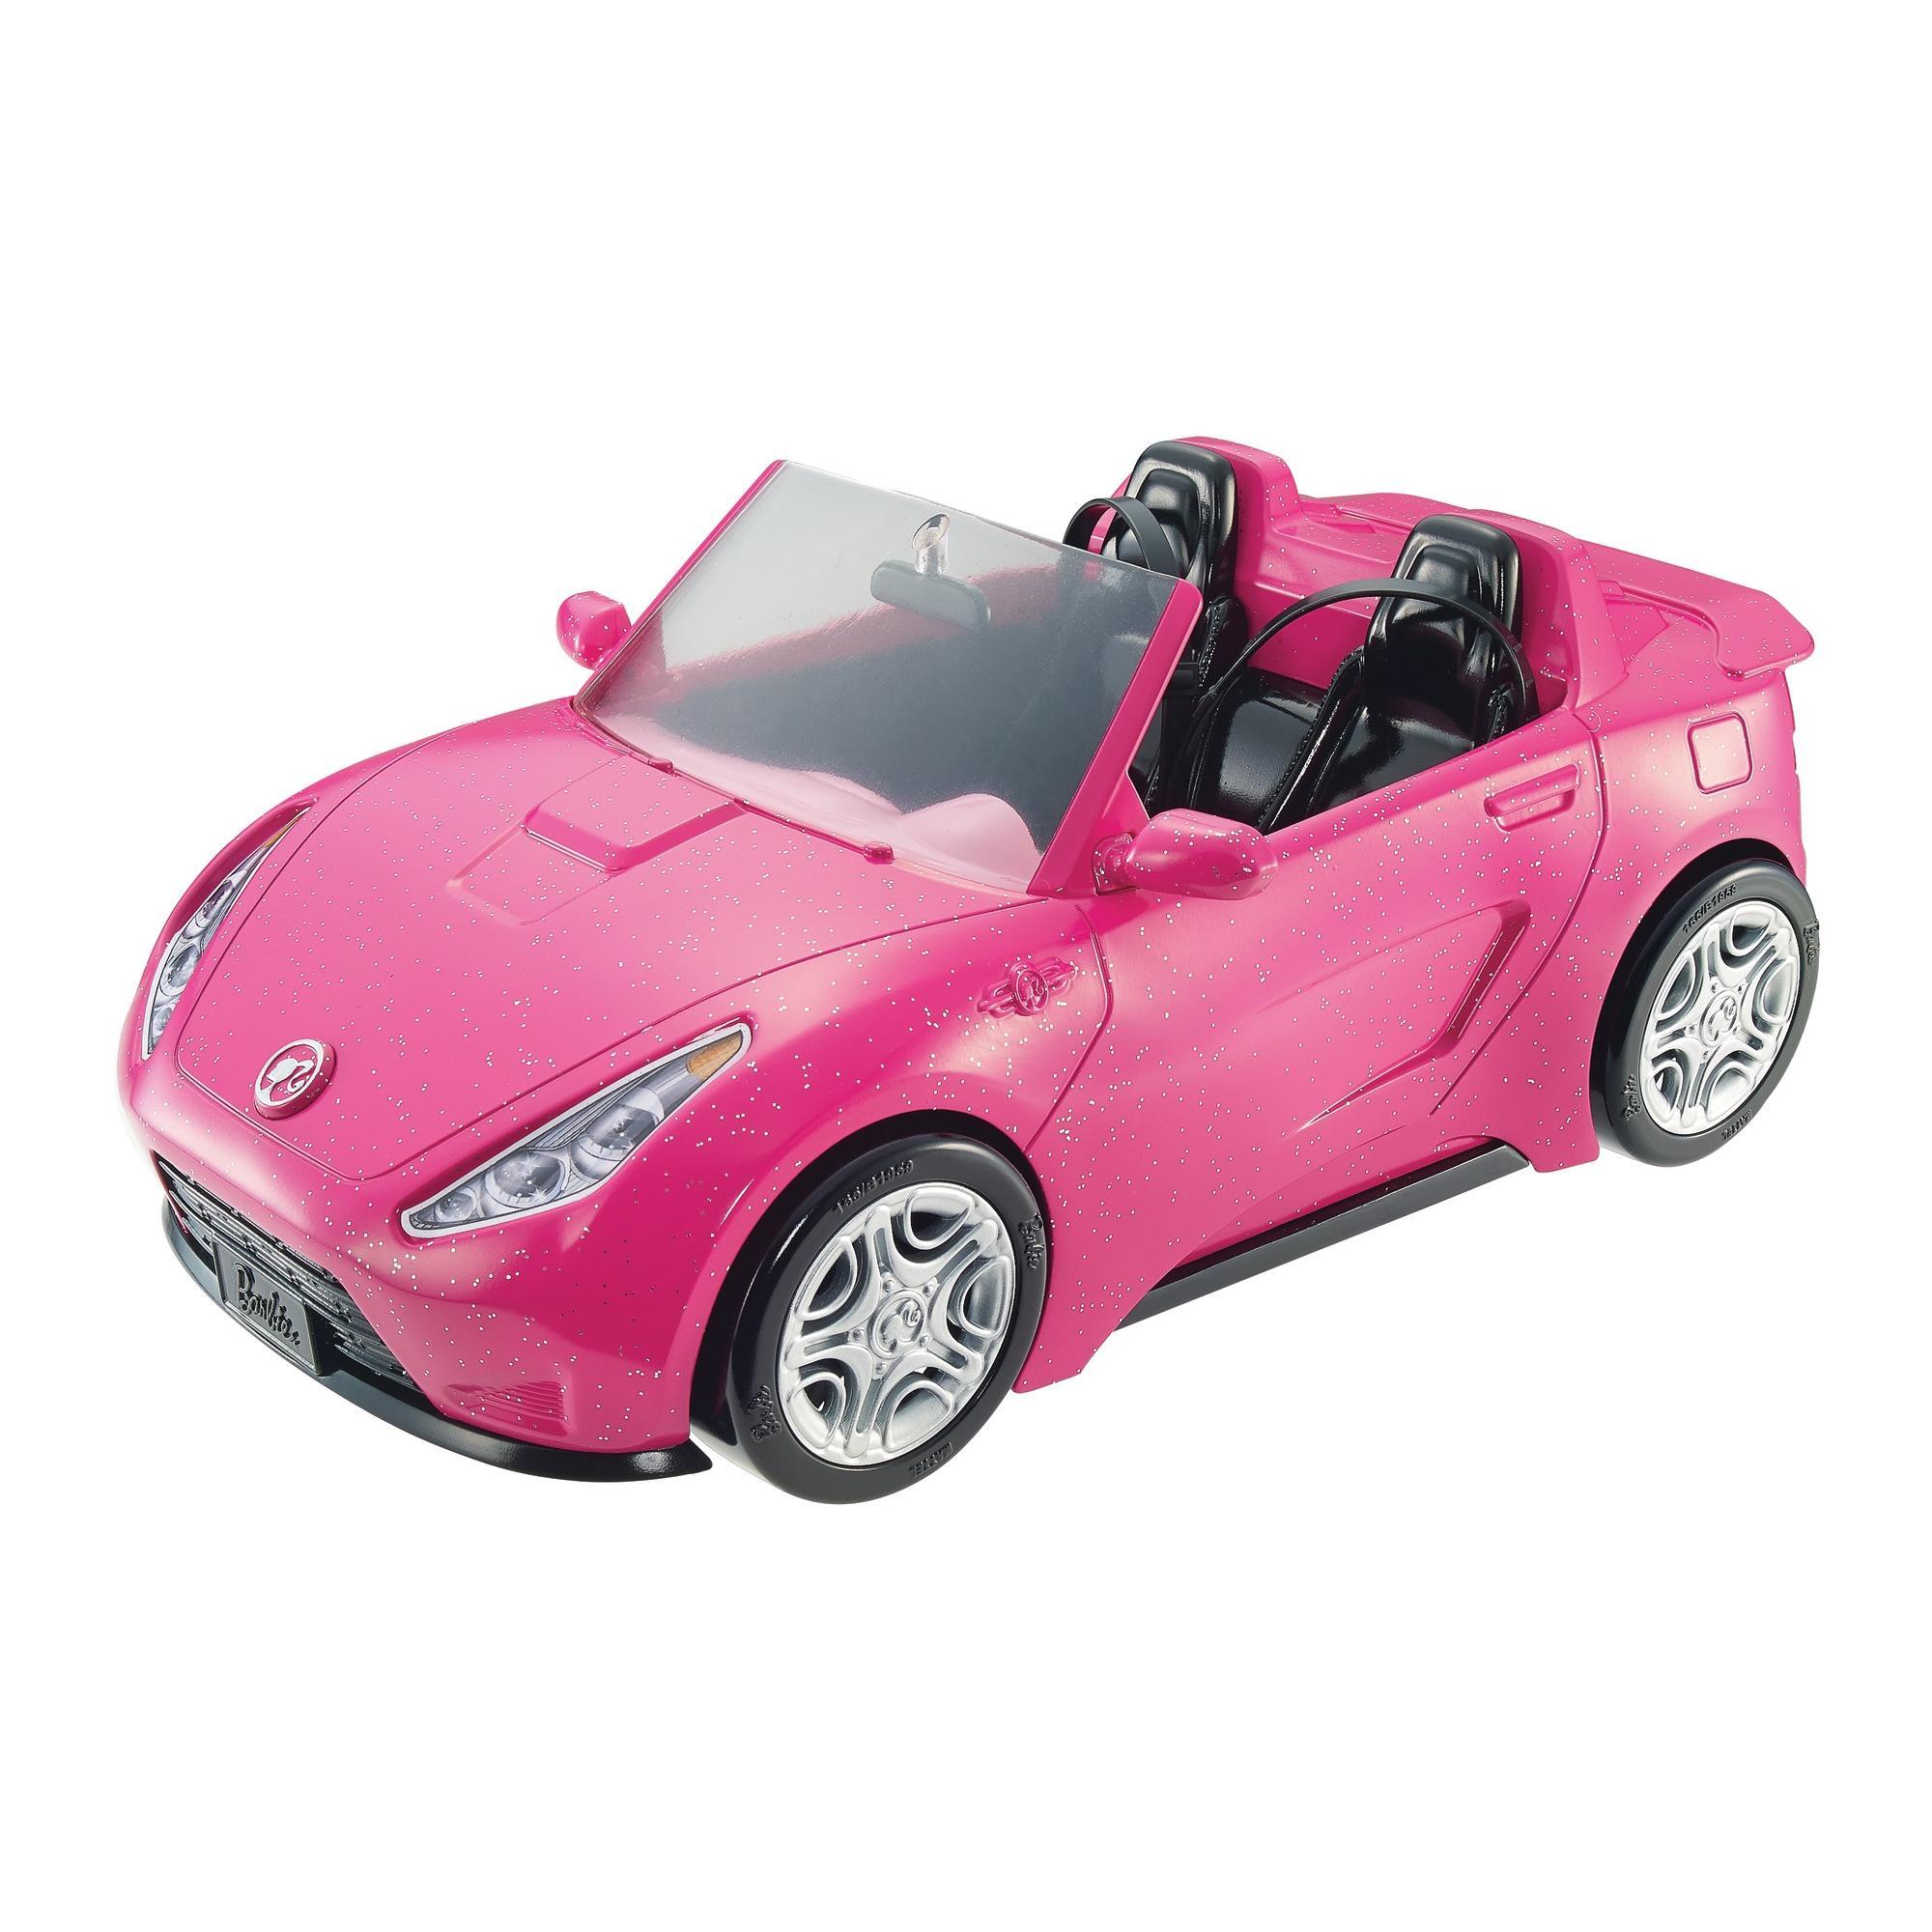 Транспорт для кукол Mattel Автомобиль Barbie (Mattel) barbie аксессуар для кукол дневной и вечерний наряд fnd47 fkt09